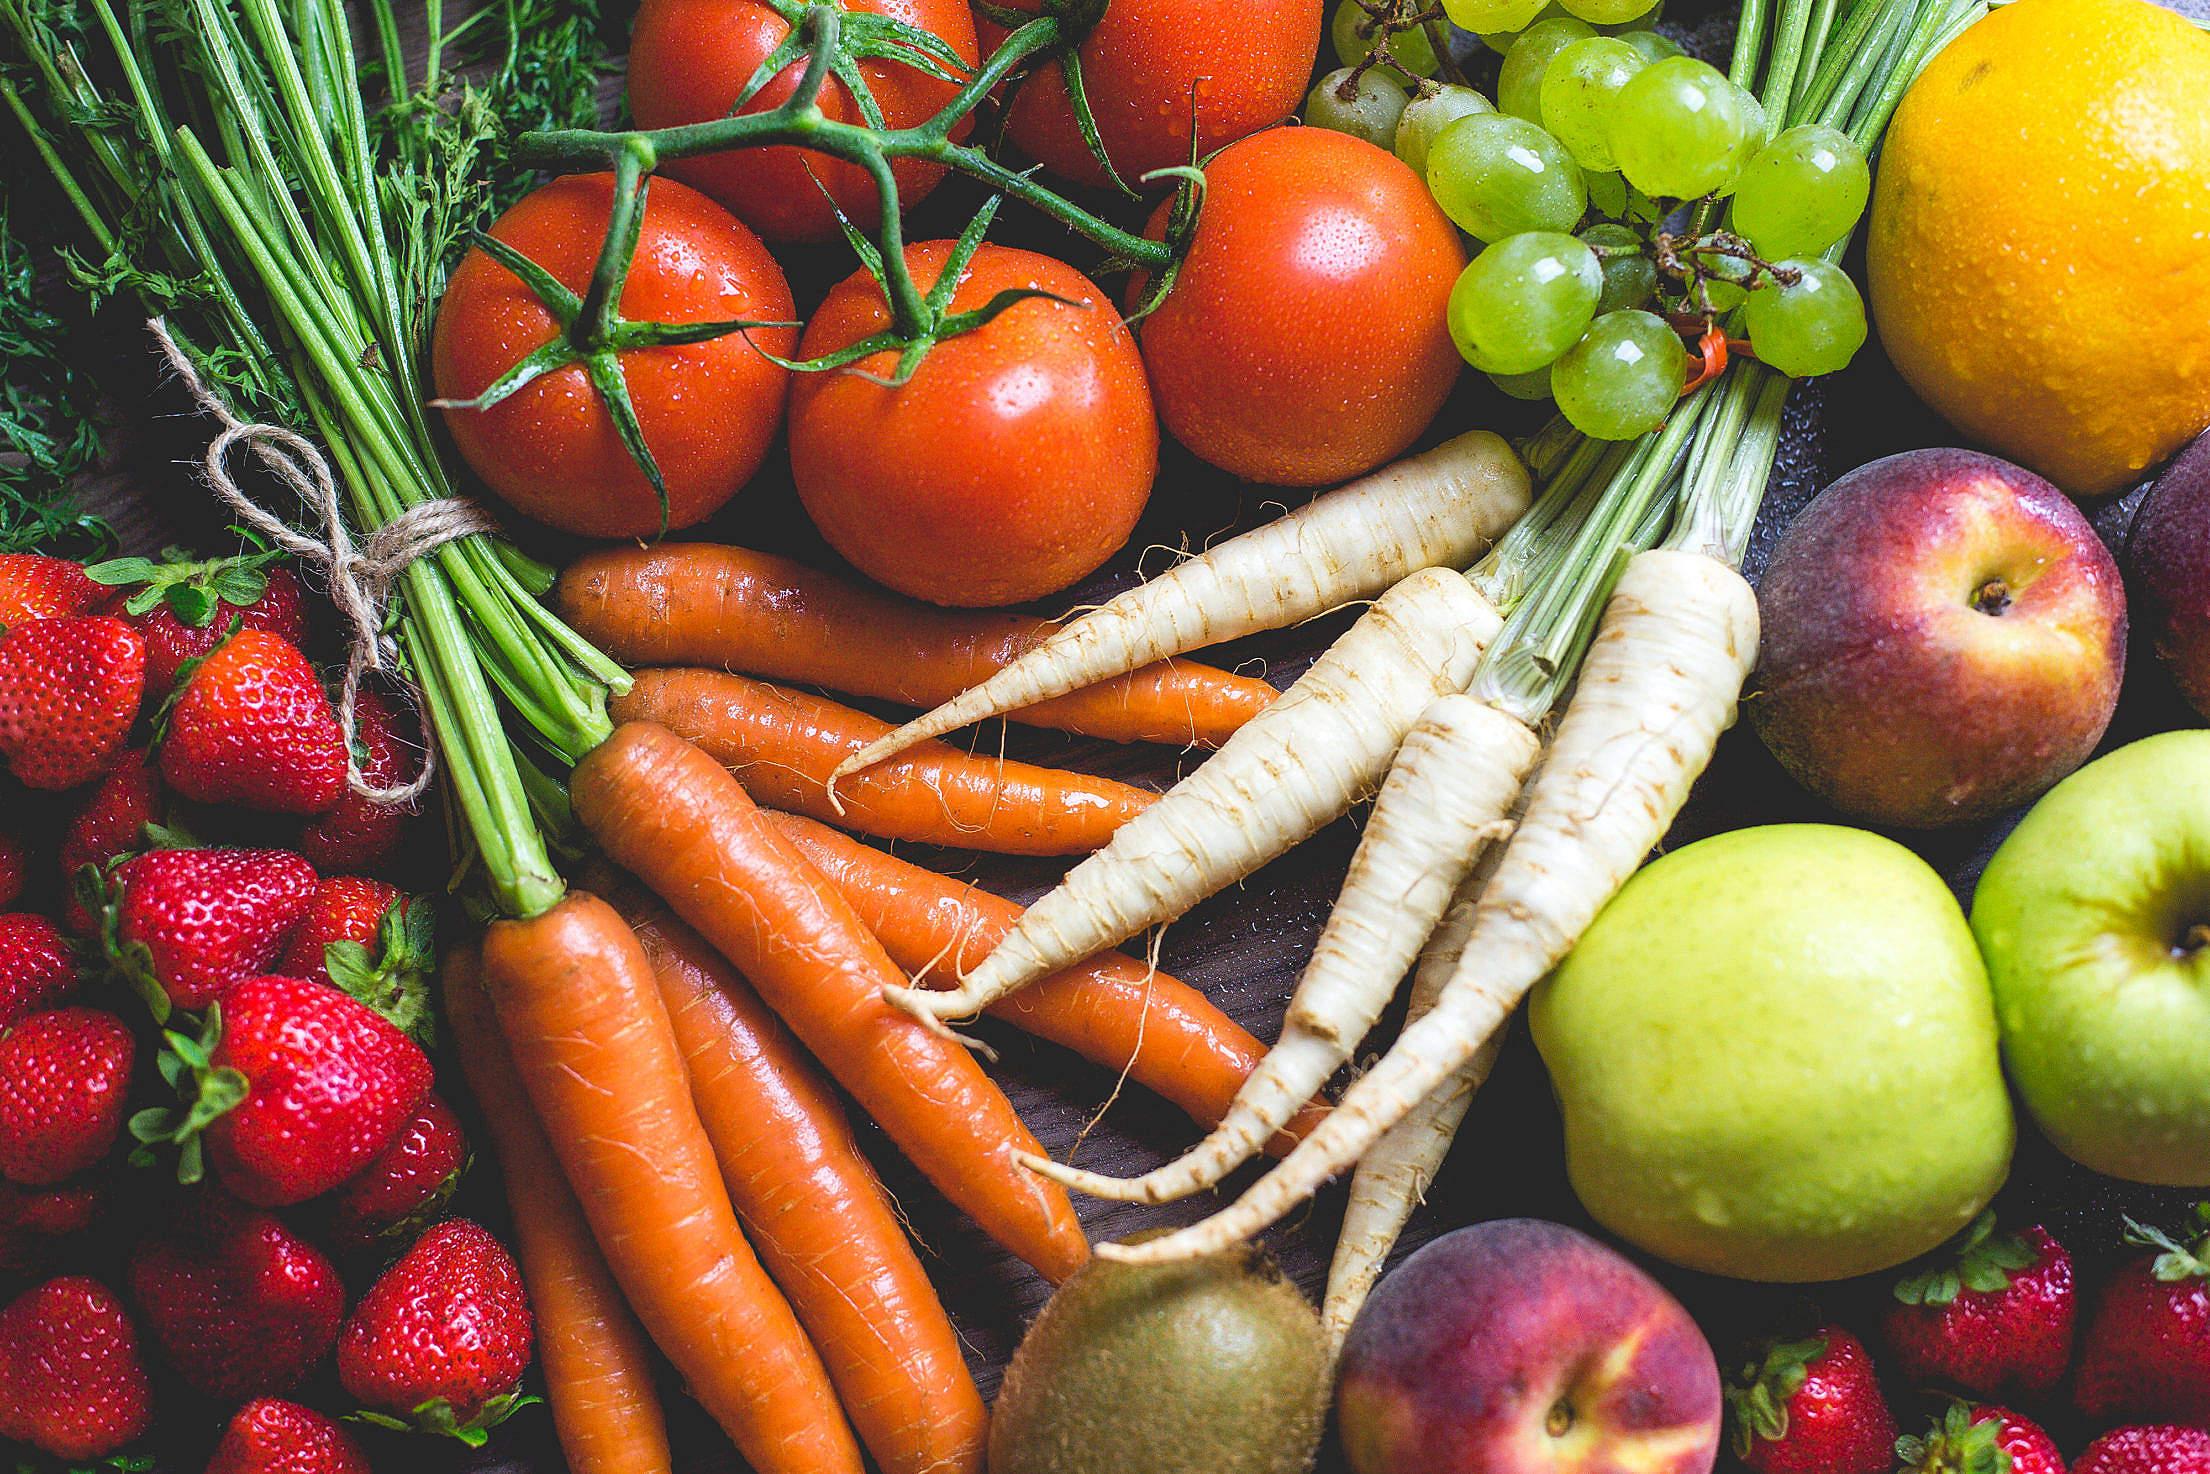 7 سبزی که با پختن ارزش غذایشان بیشتر می شود